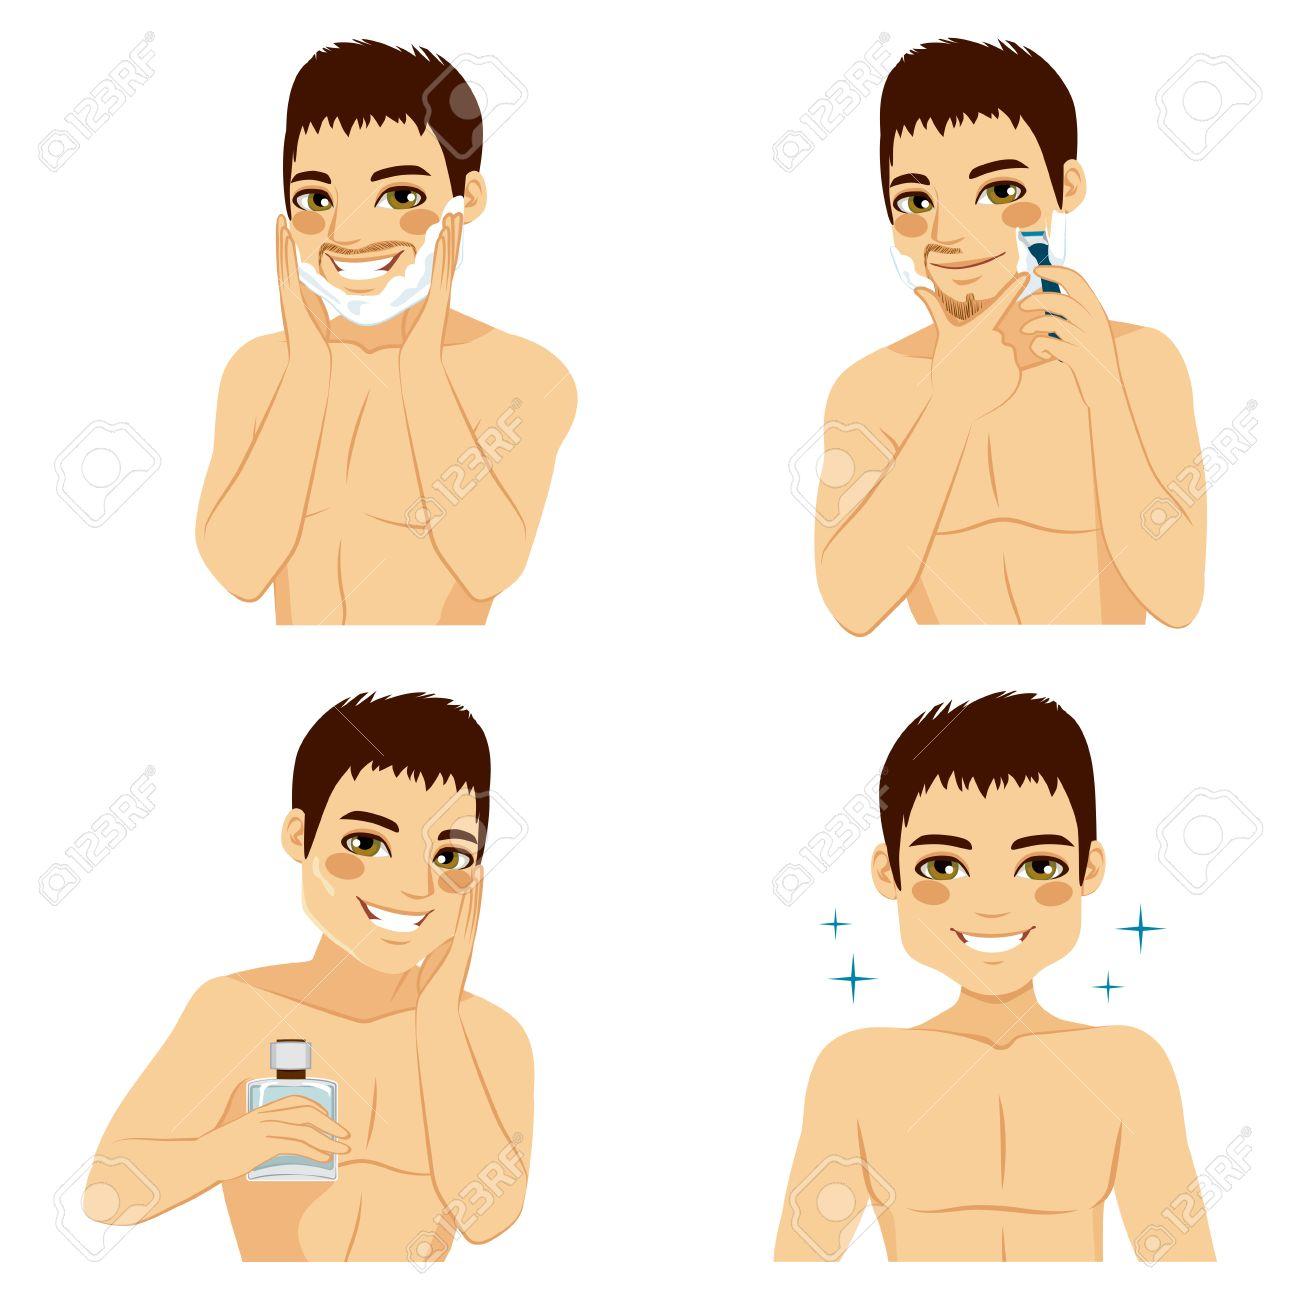 after rasieren mann